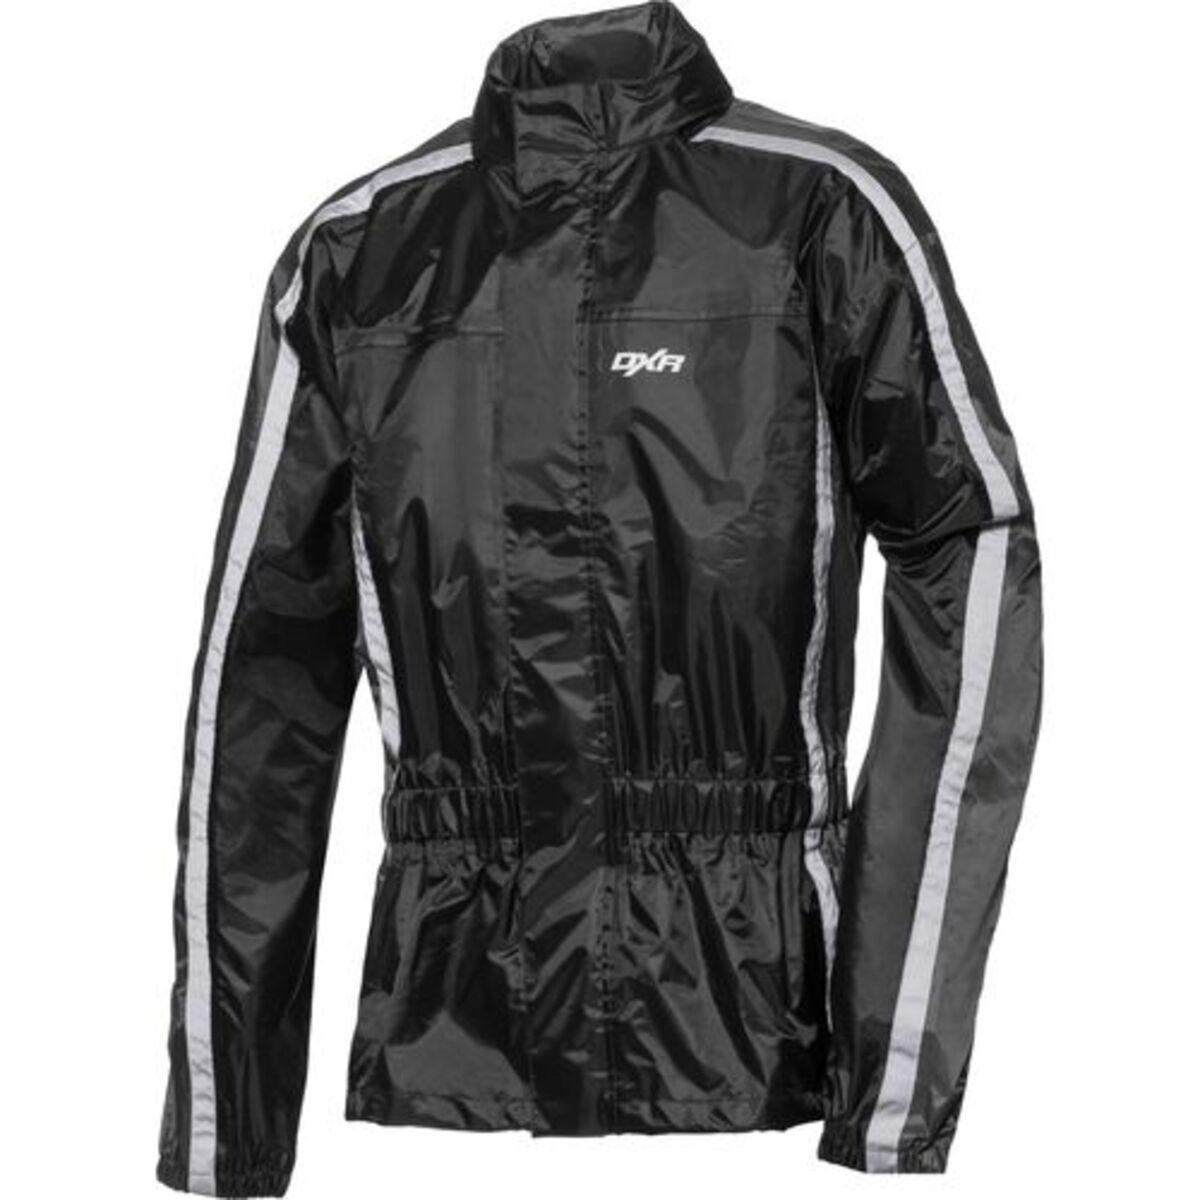 Bild 1 von Road            Textil Regenjacke 2.0 grau/schwarz